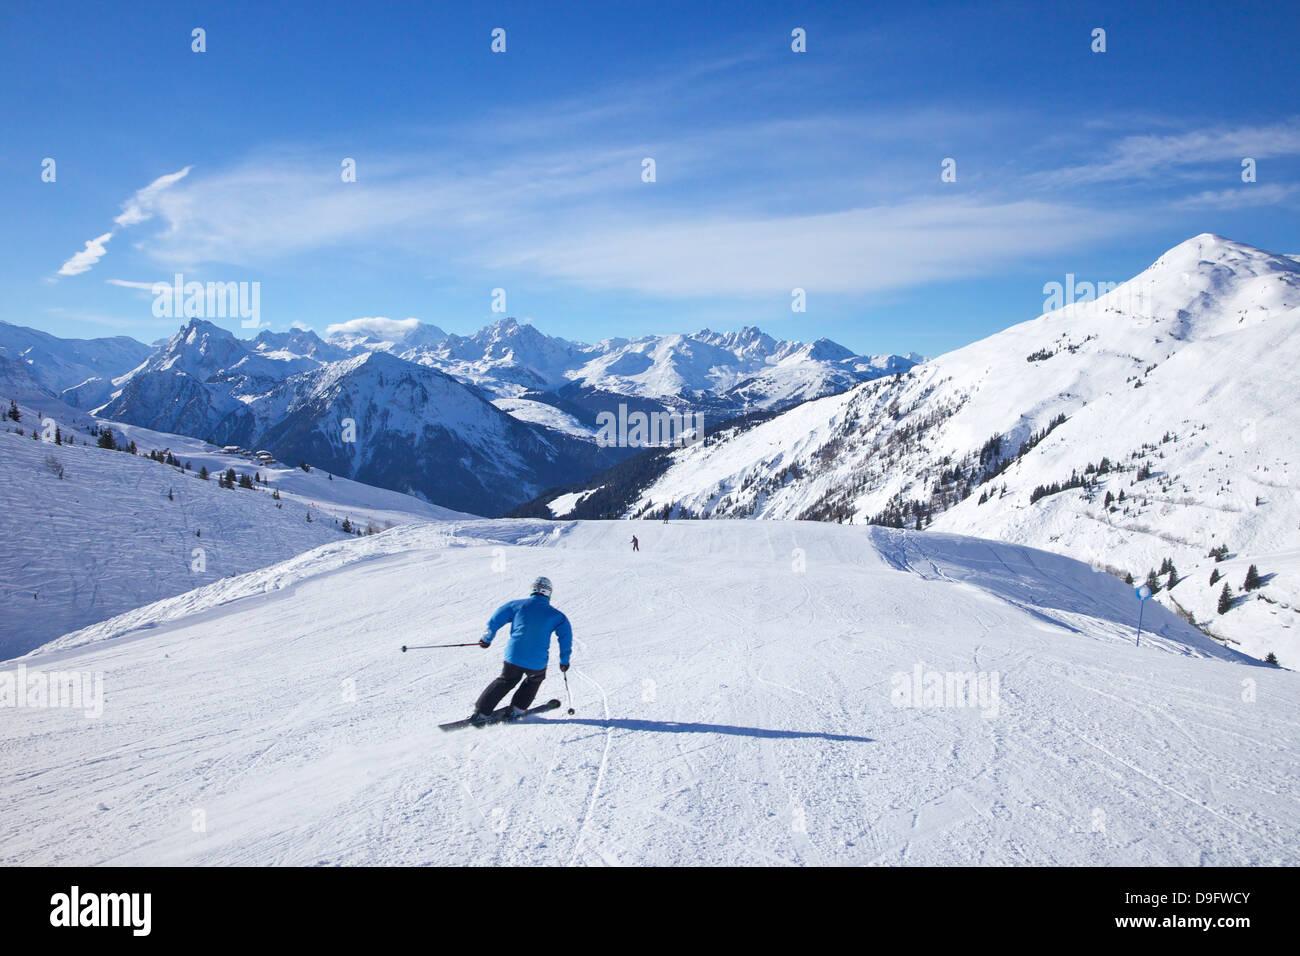 Skieurs sur piste bleue Levasset en hiver soleil, Champagny, La Plagne, Alpes, France Photo Stock